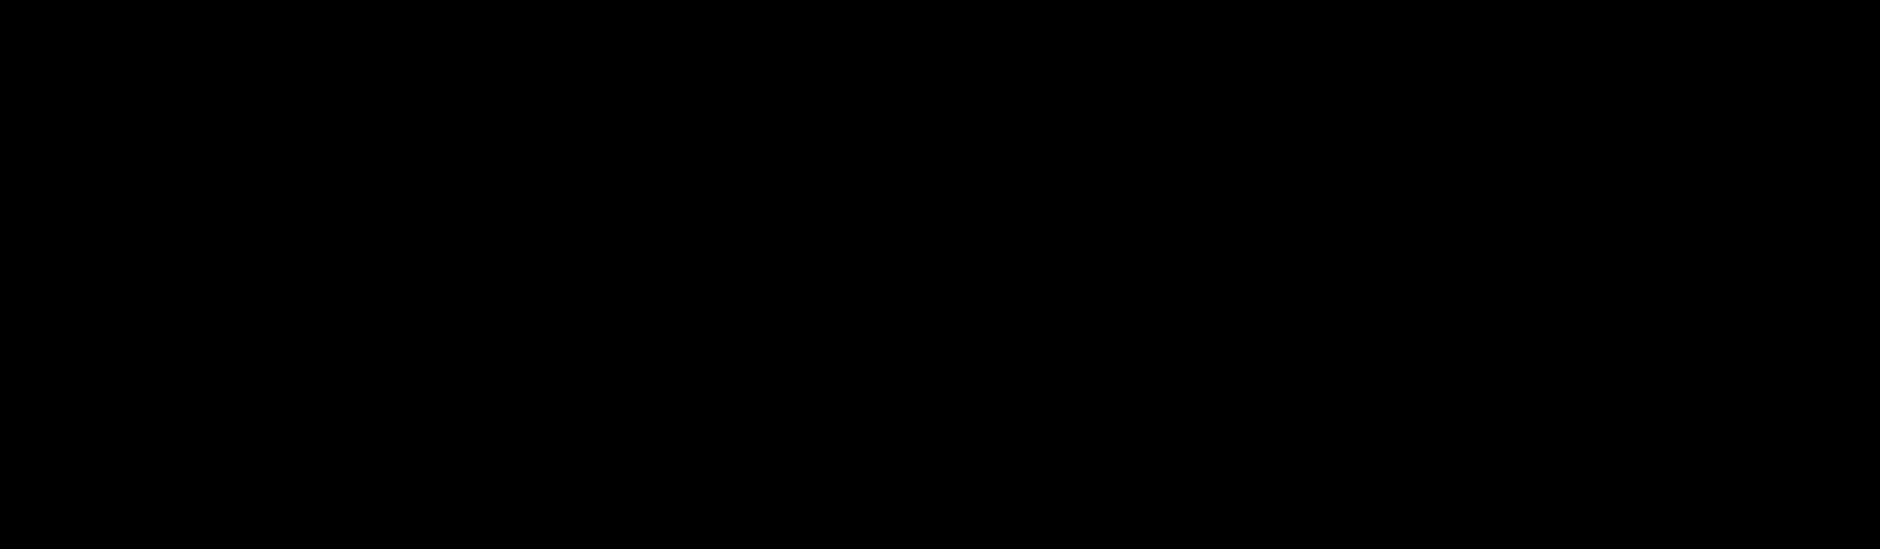 オクタゴンブリューイング